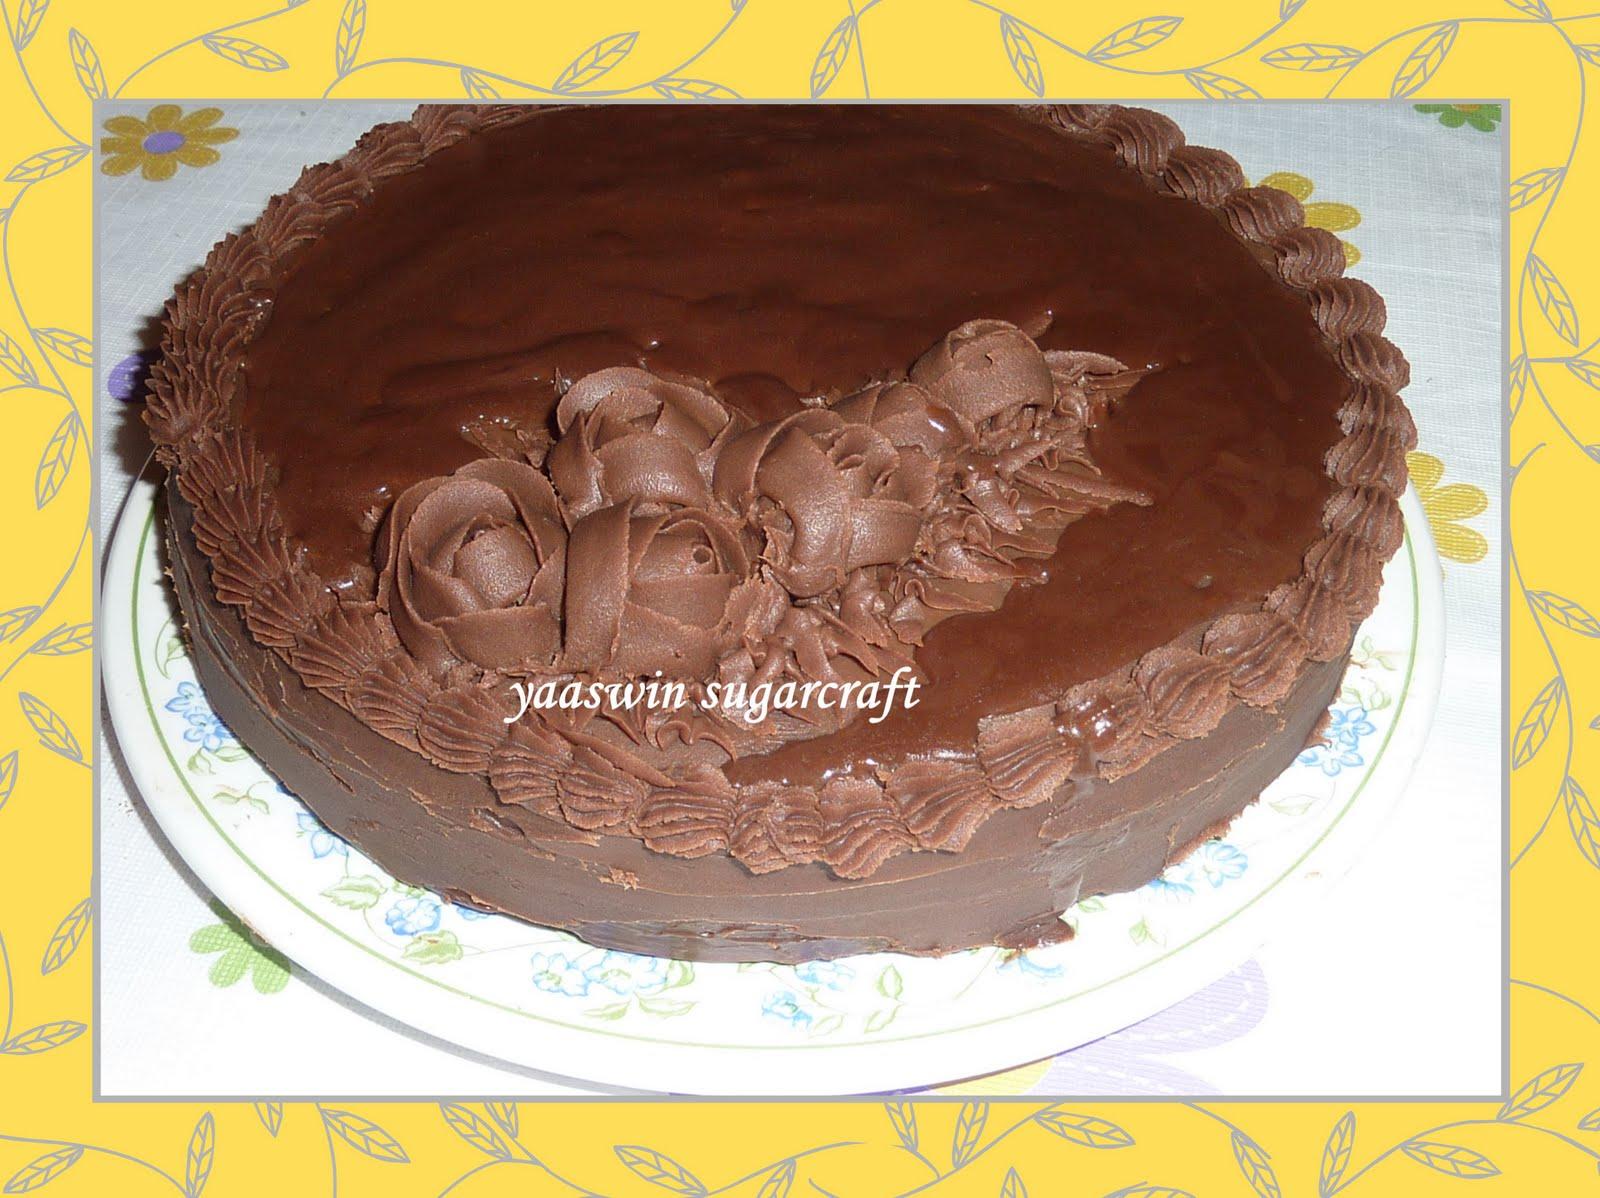 Yaaswin Sugarcraft & Cakes: Moist Chocolate Ganache Cake